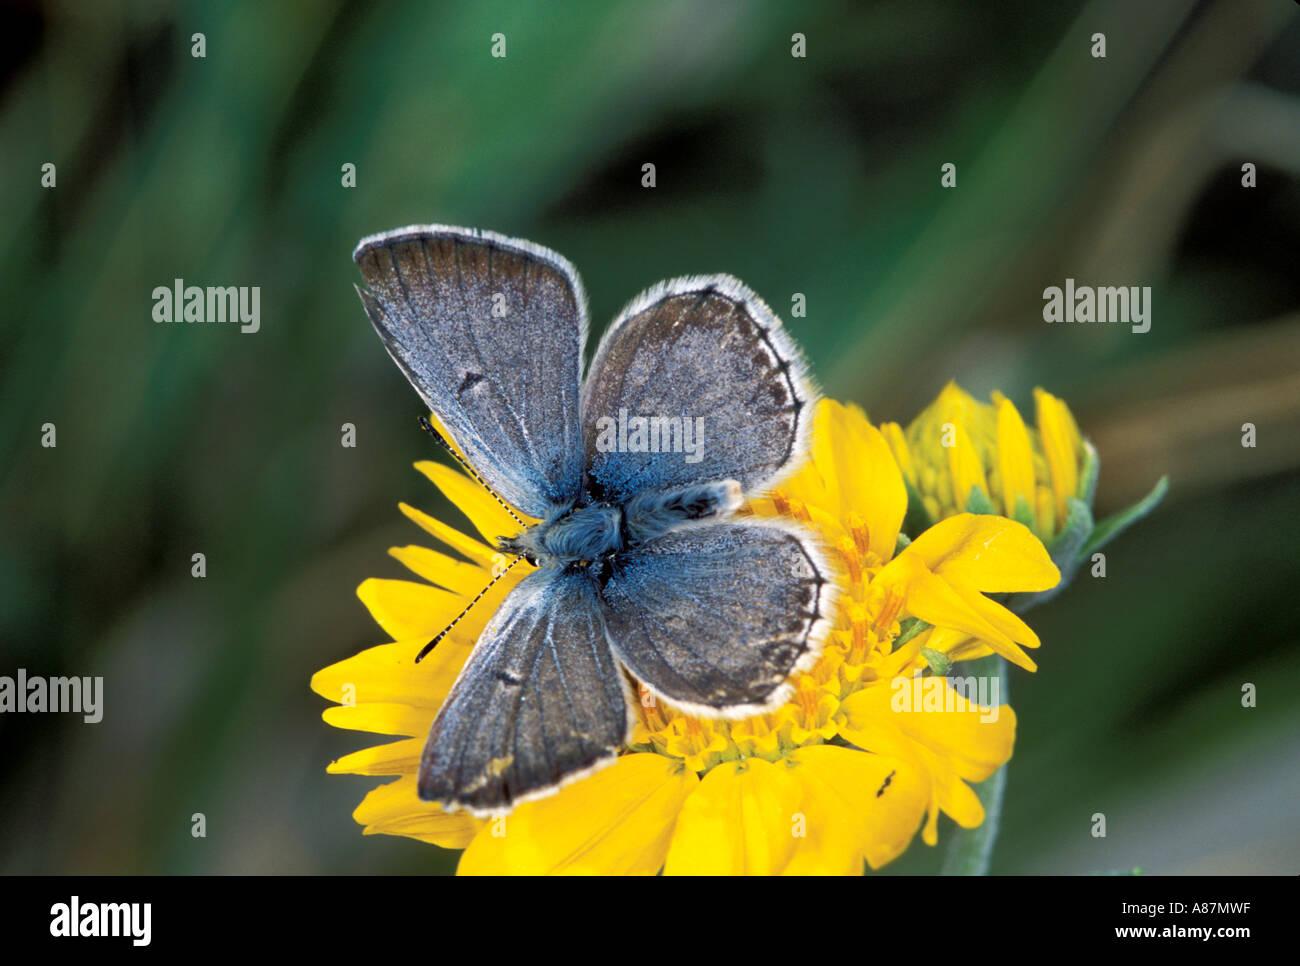 Sưu tập Bộ cánh vảy 3 - Page 19 Arctic-blue-agriades-glandon-podarce-sonora-pass-sierra-nevadas-california-A87MWF